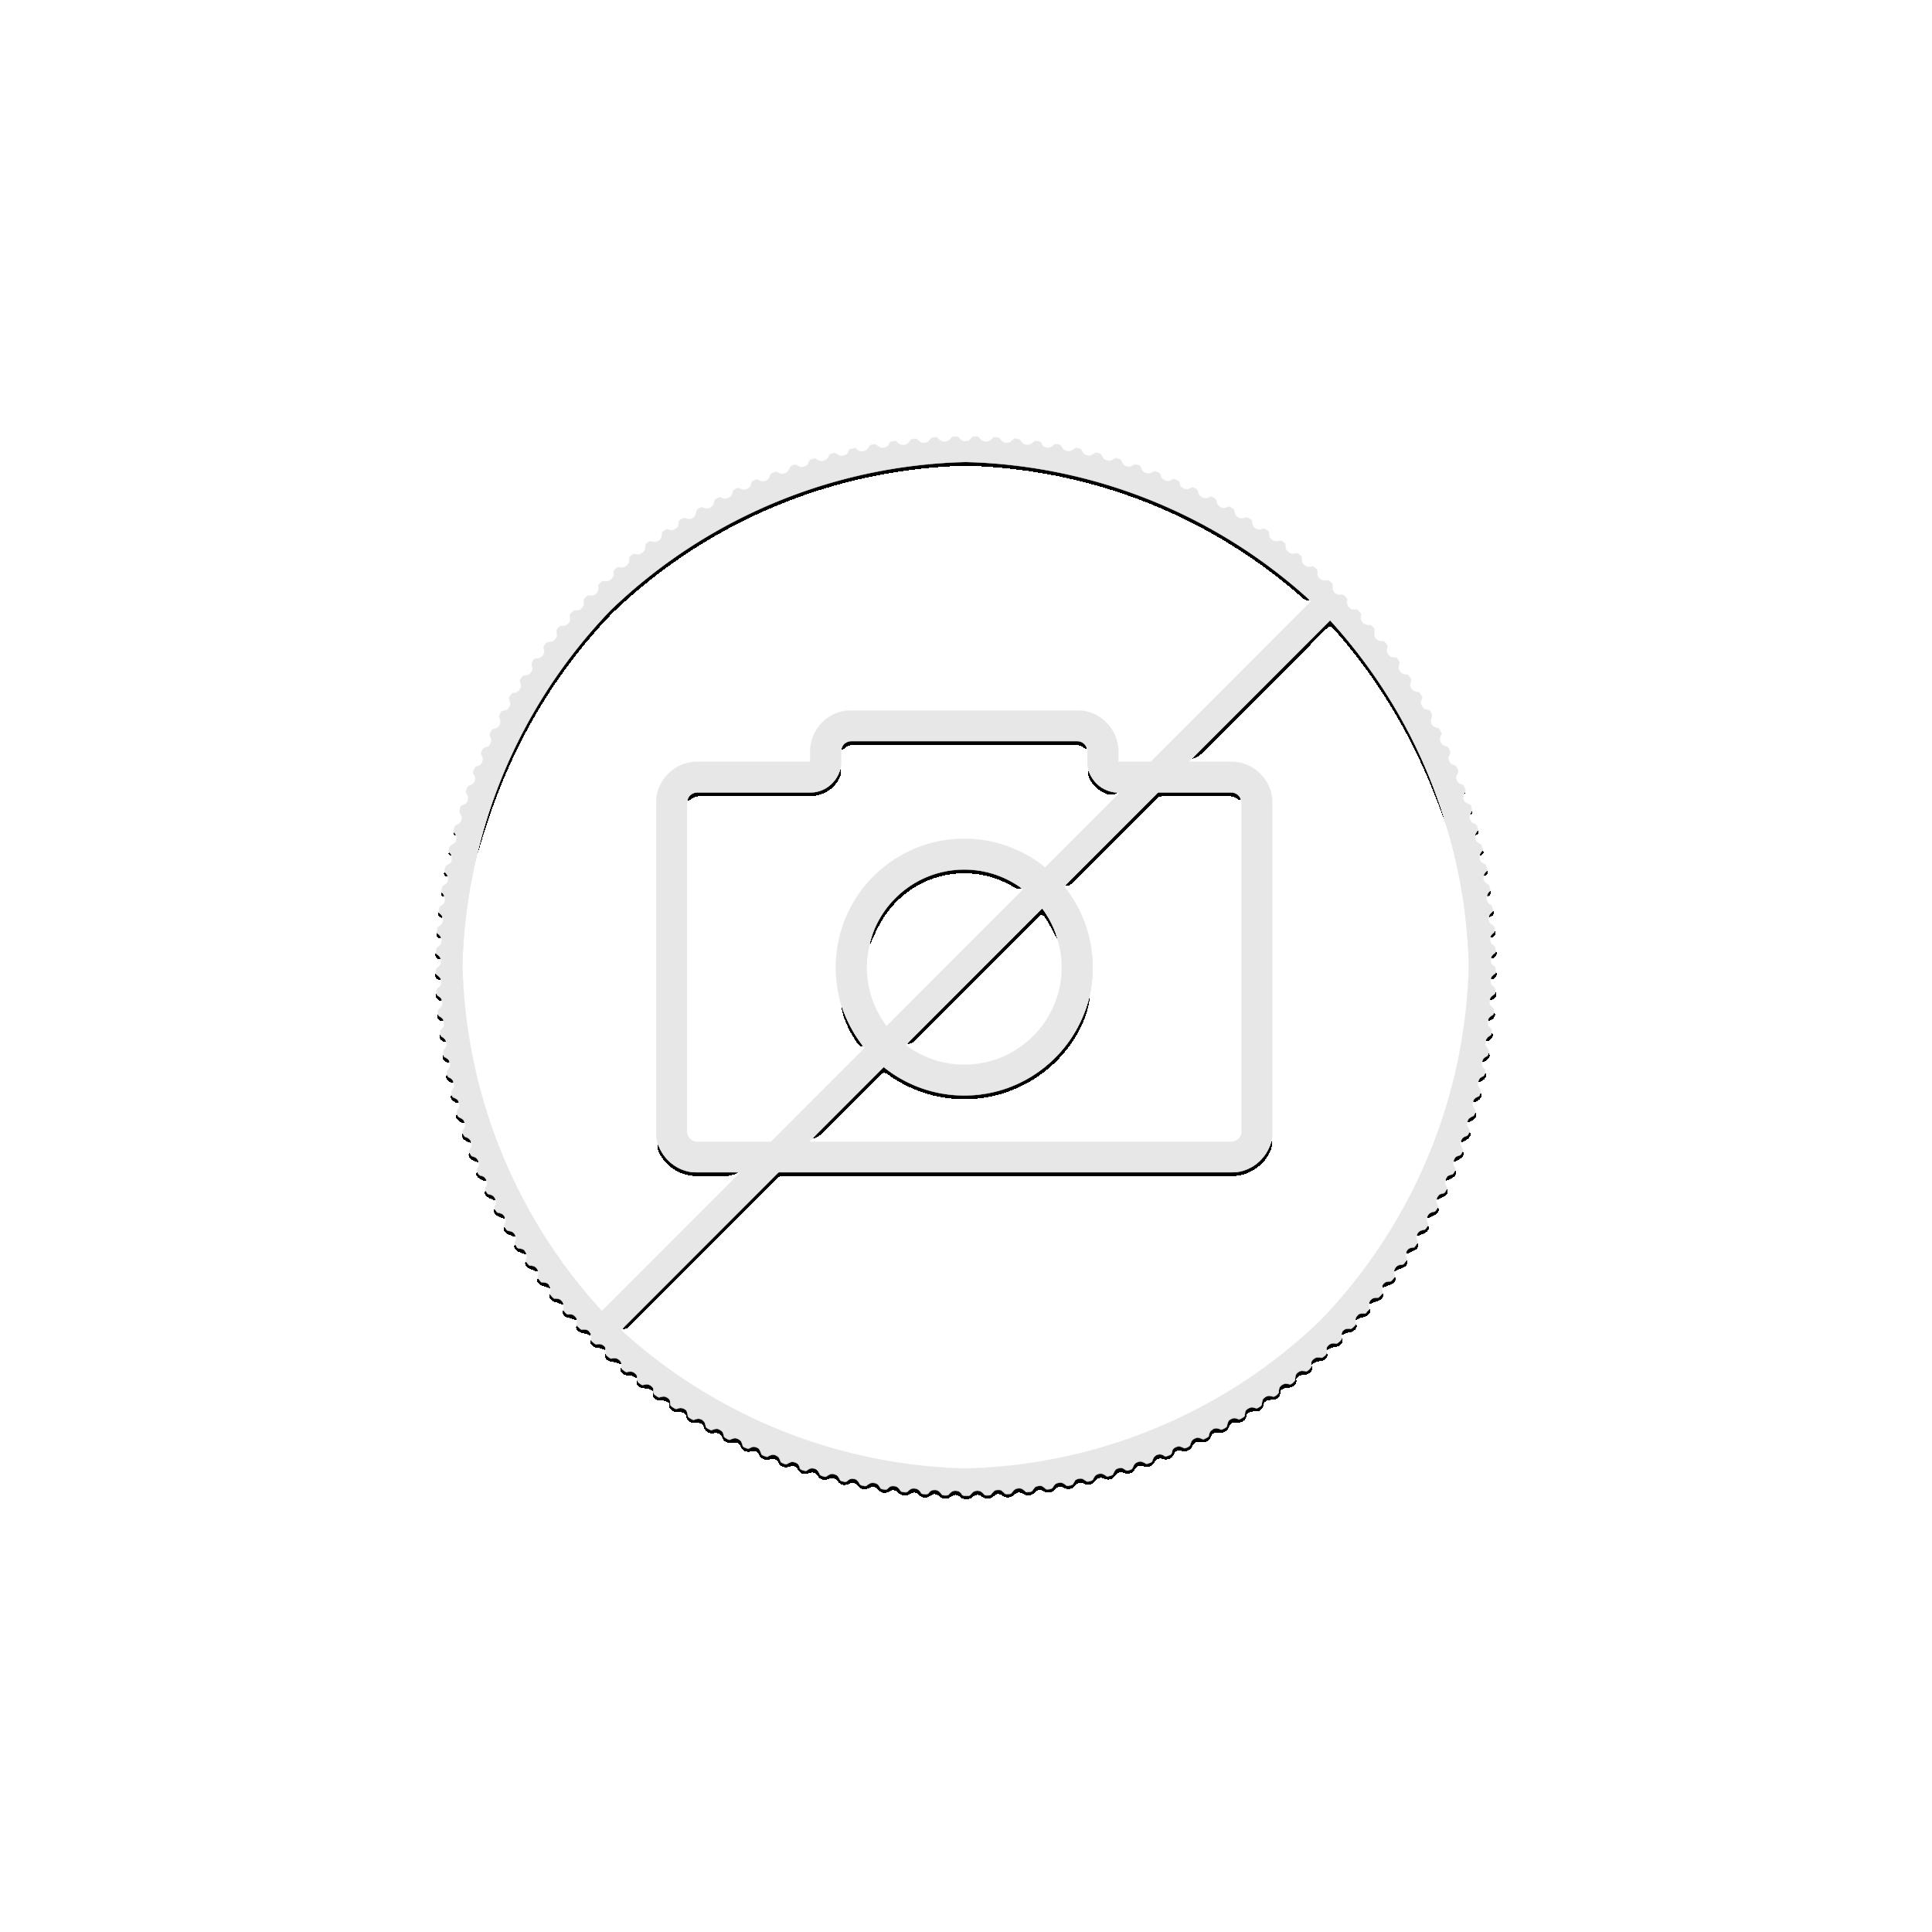 1 troy ounce silver coin Holy Trinity Botticelli